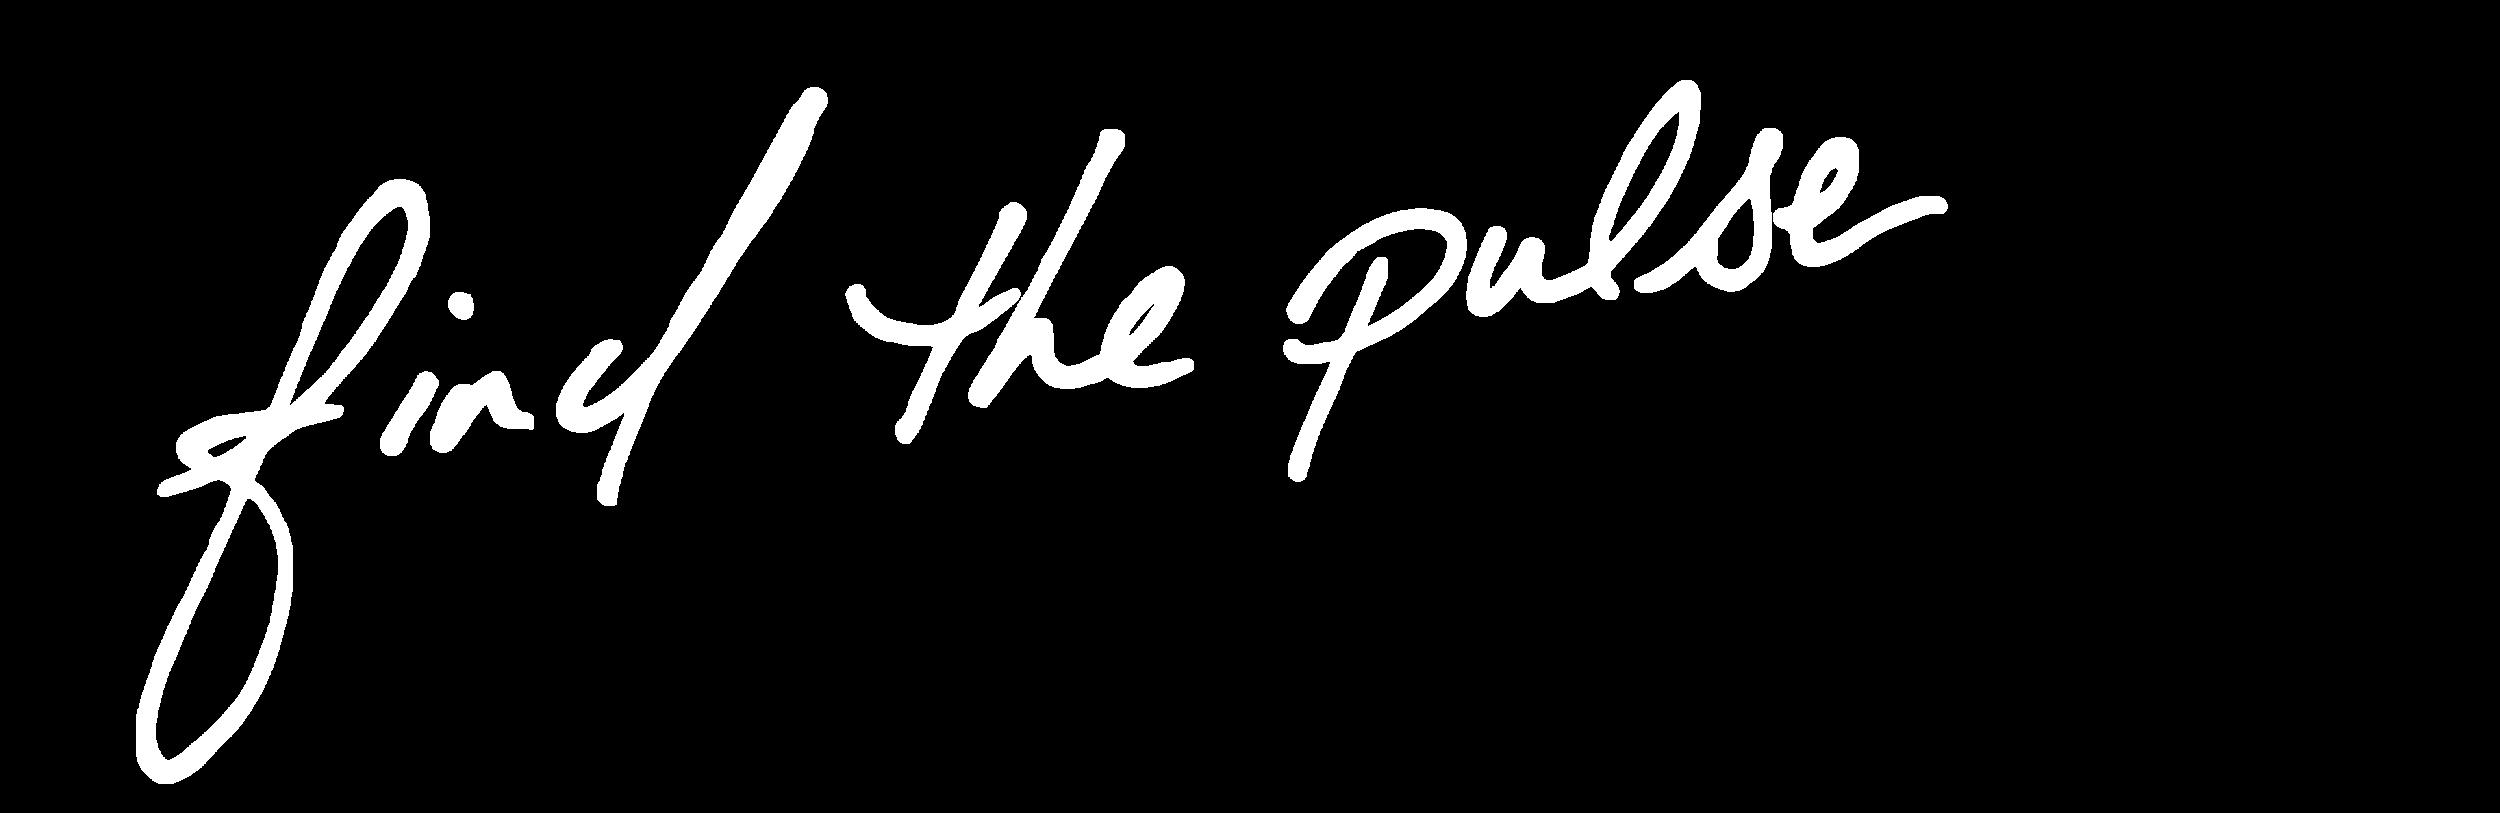 FindYourPulse-10.png